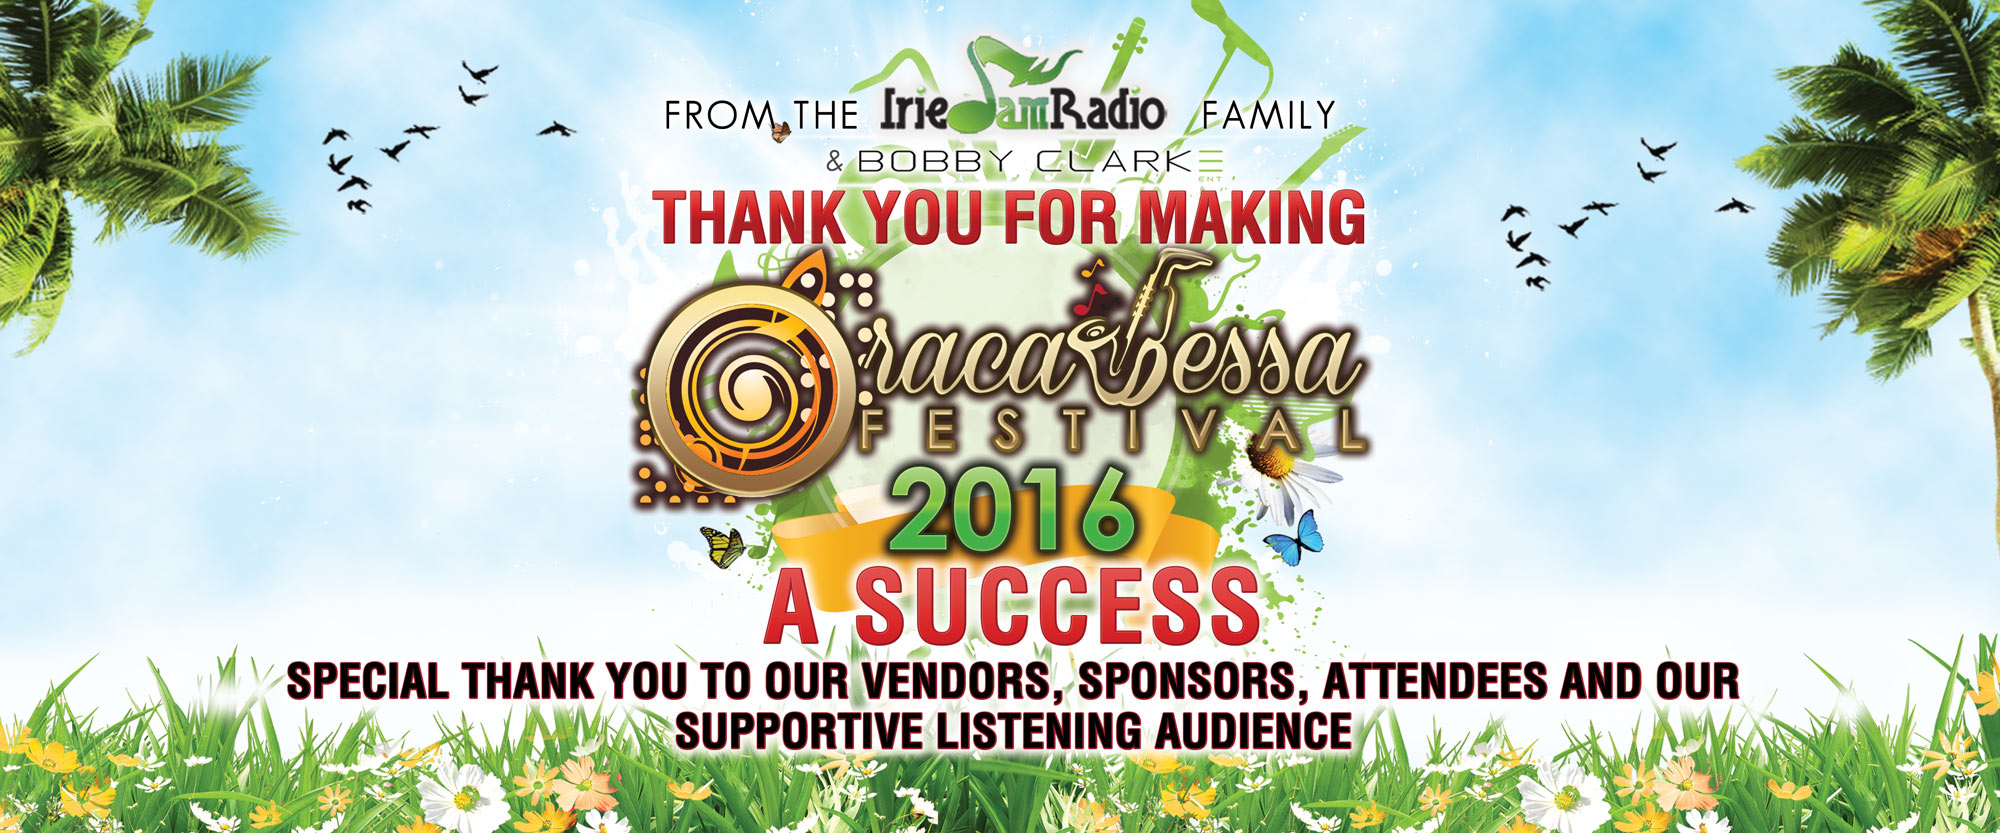 OracabessaFest-ThankYou-slide1